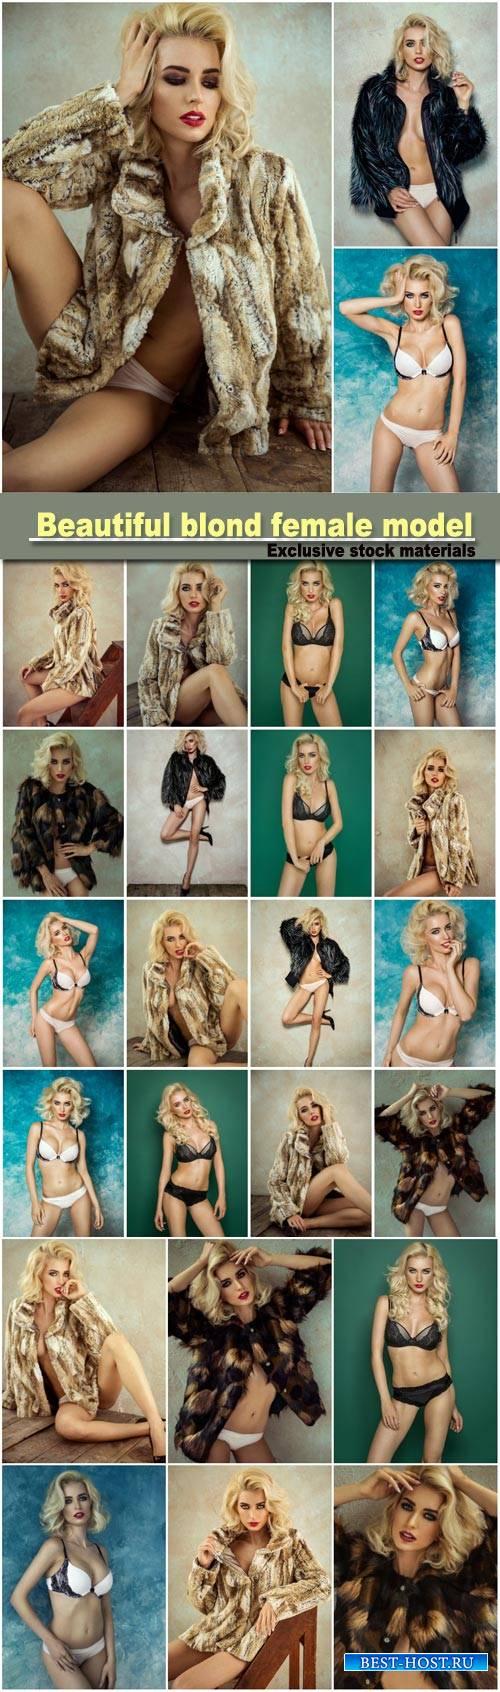 Beautiful blond female model wear fur, sexy female model posing in lingerie